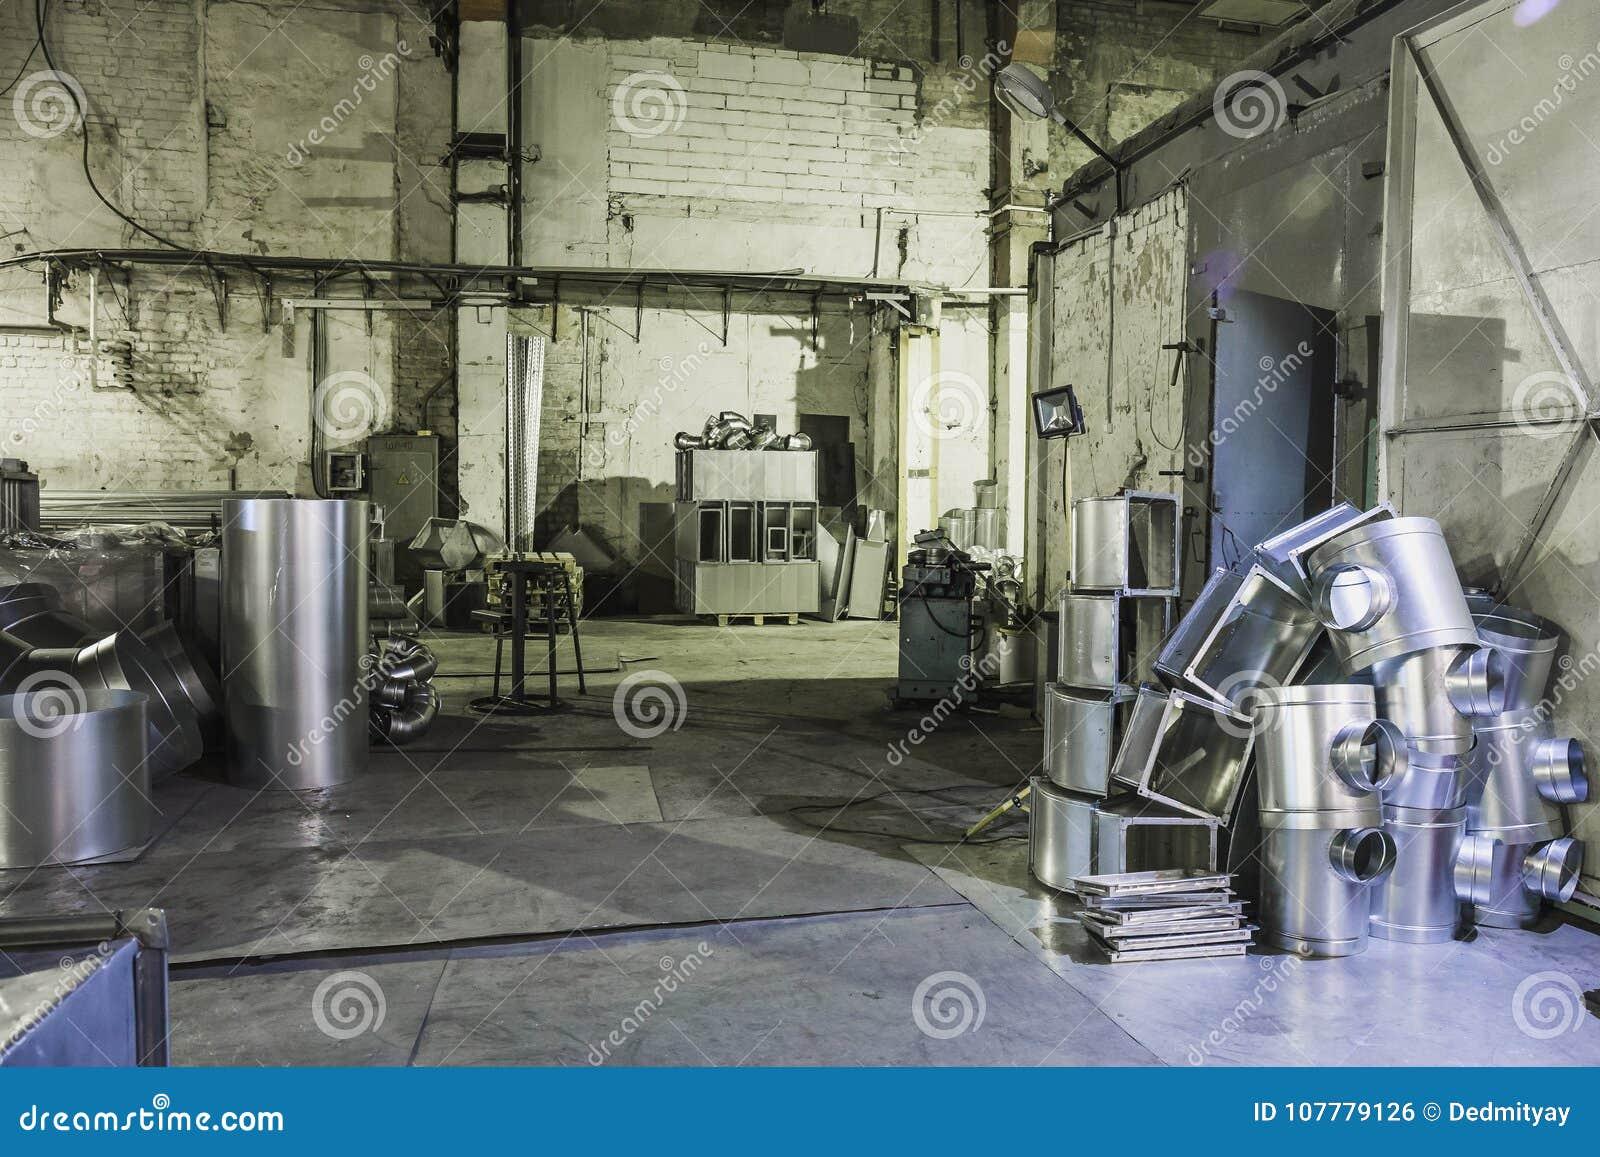 Industrielles Seminar oder Hangar über Produktion von Lüftungsanlagen Metallarbeitsfabrik